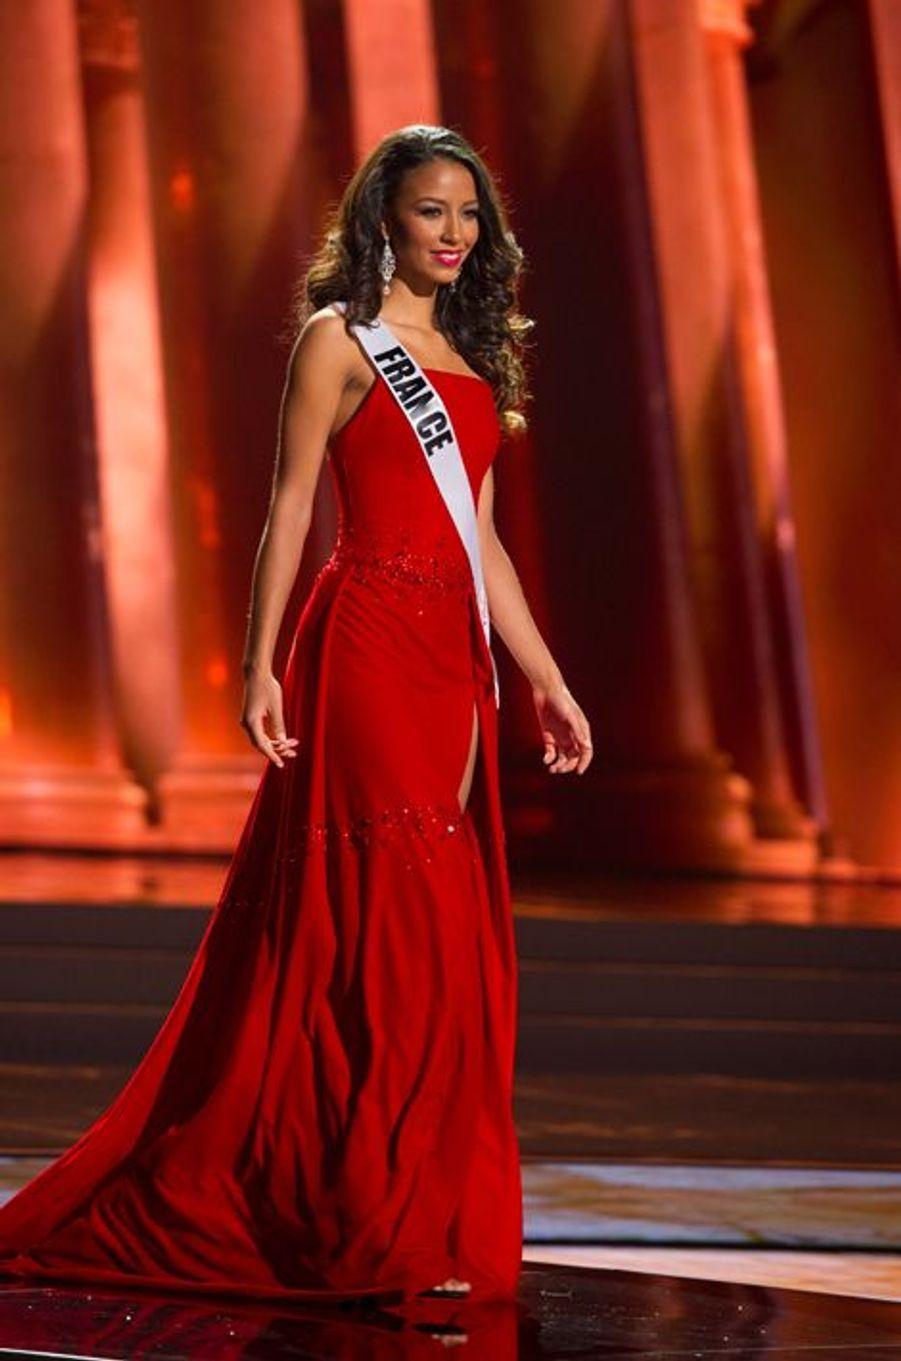 Flora Coquerel termine dans le Top 5 à Miss Univers 2015